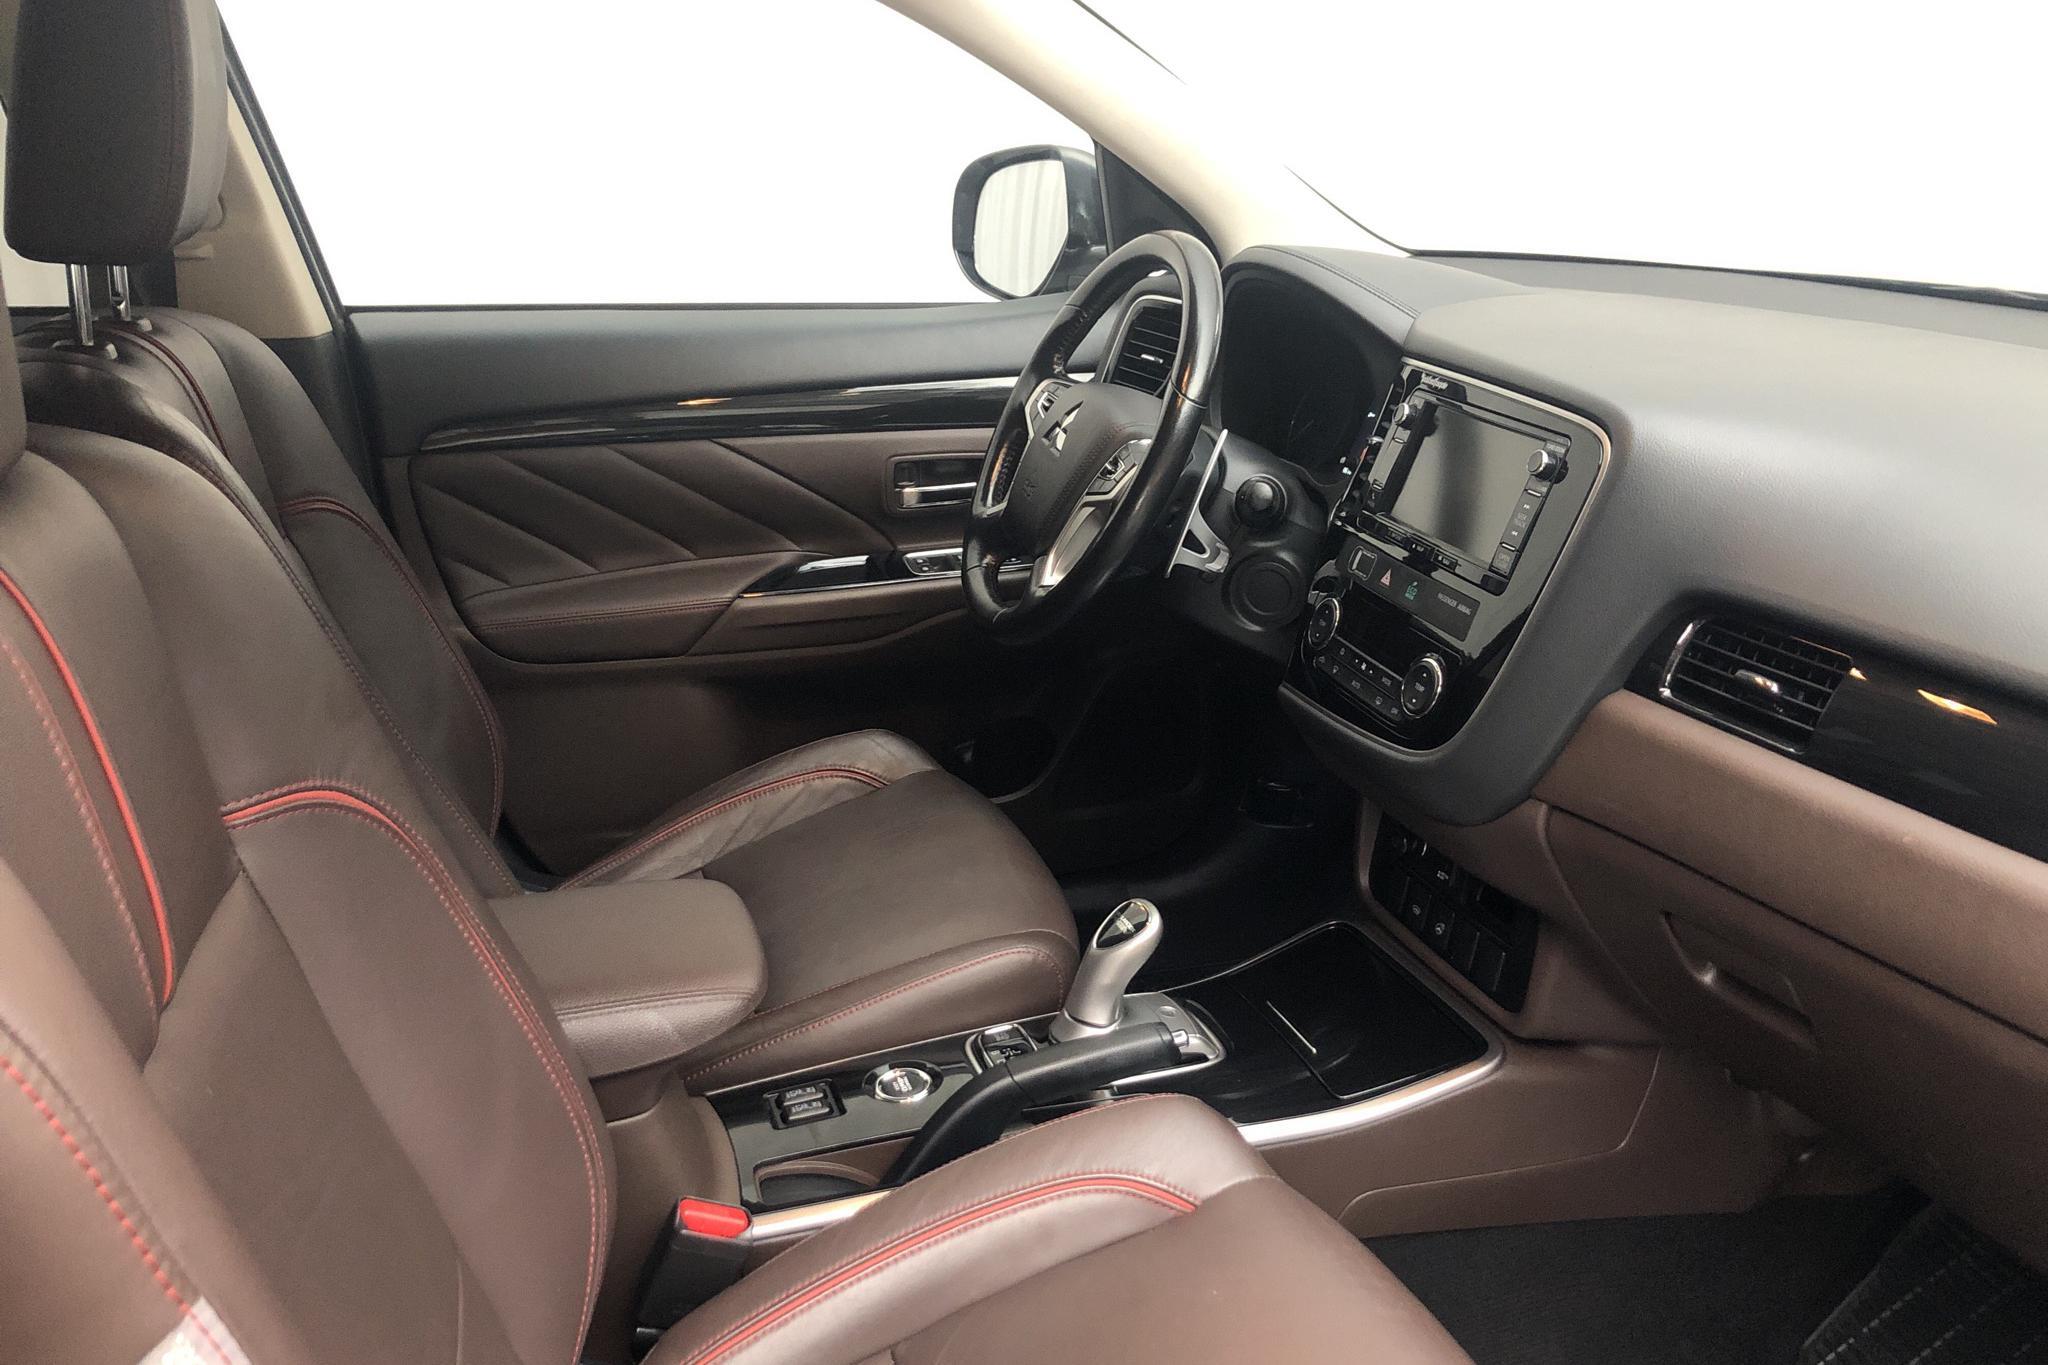 Mitsubishi Outlander 2.0 Plug-in Hybrid 4WD (121hk) - 6 144 mil - Automat - grå - 2016